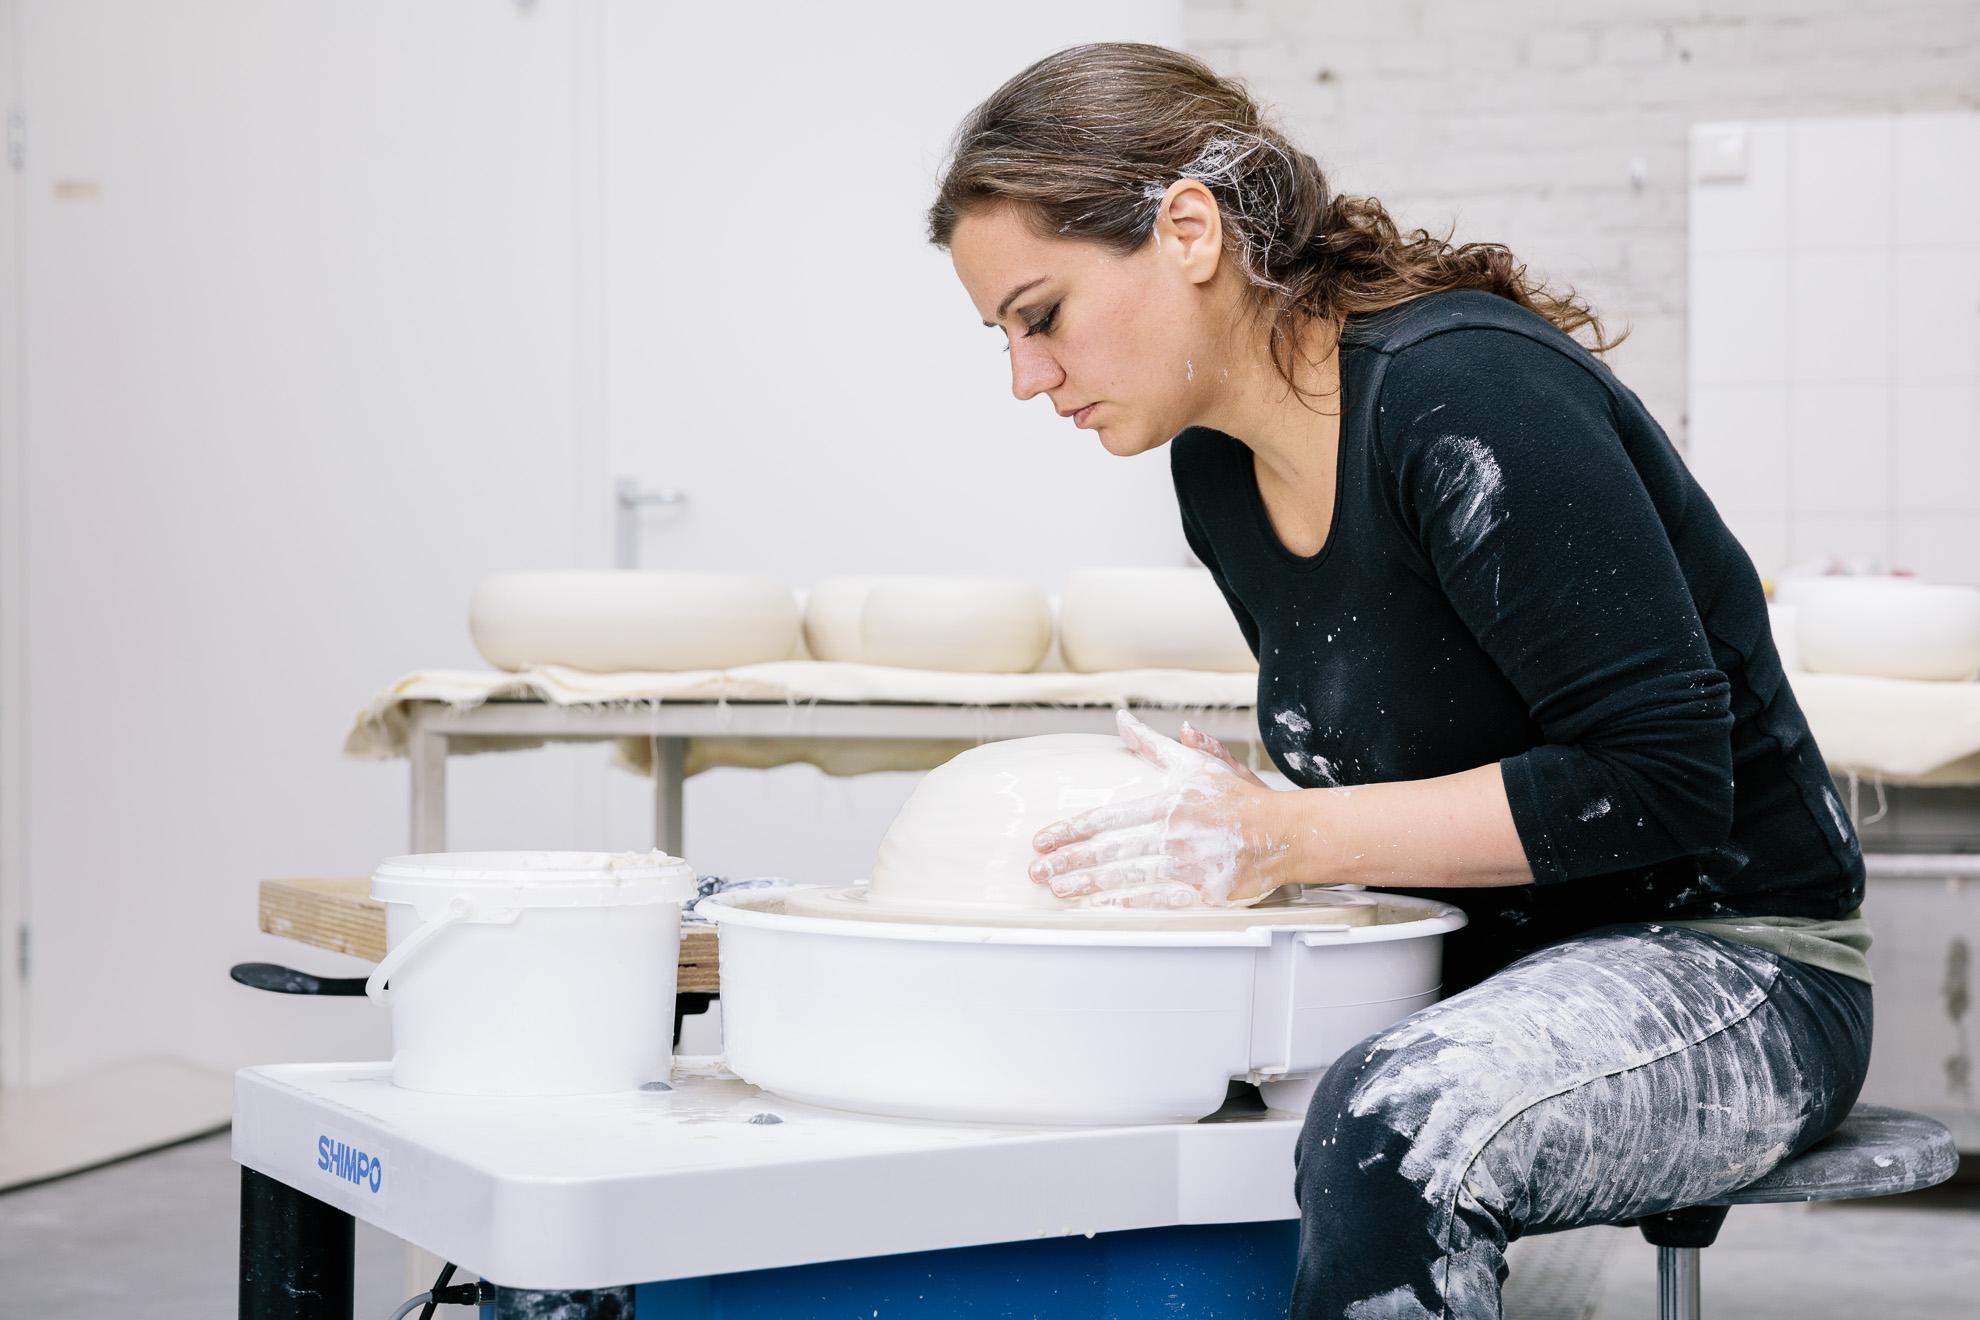 Ipek Kotan, ceramist, artist